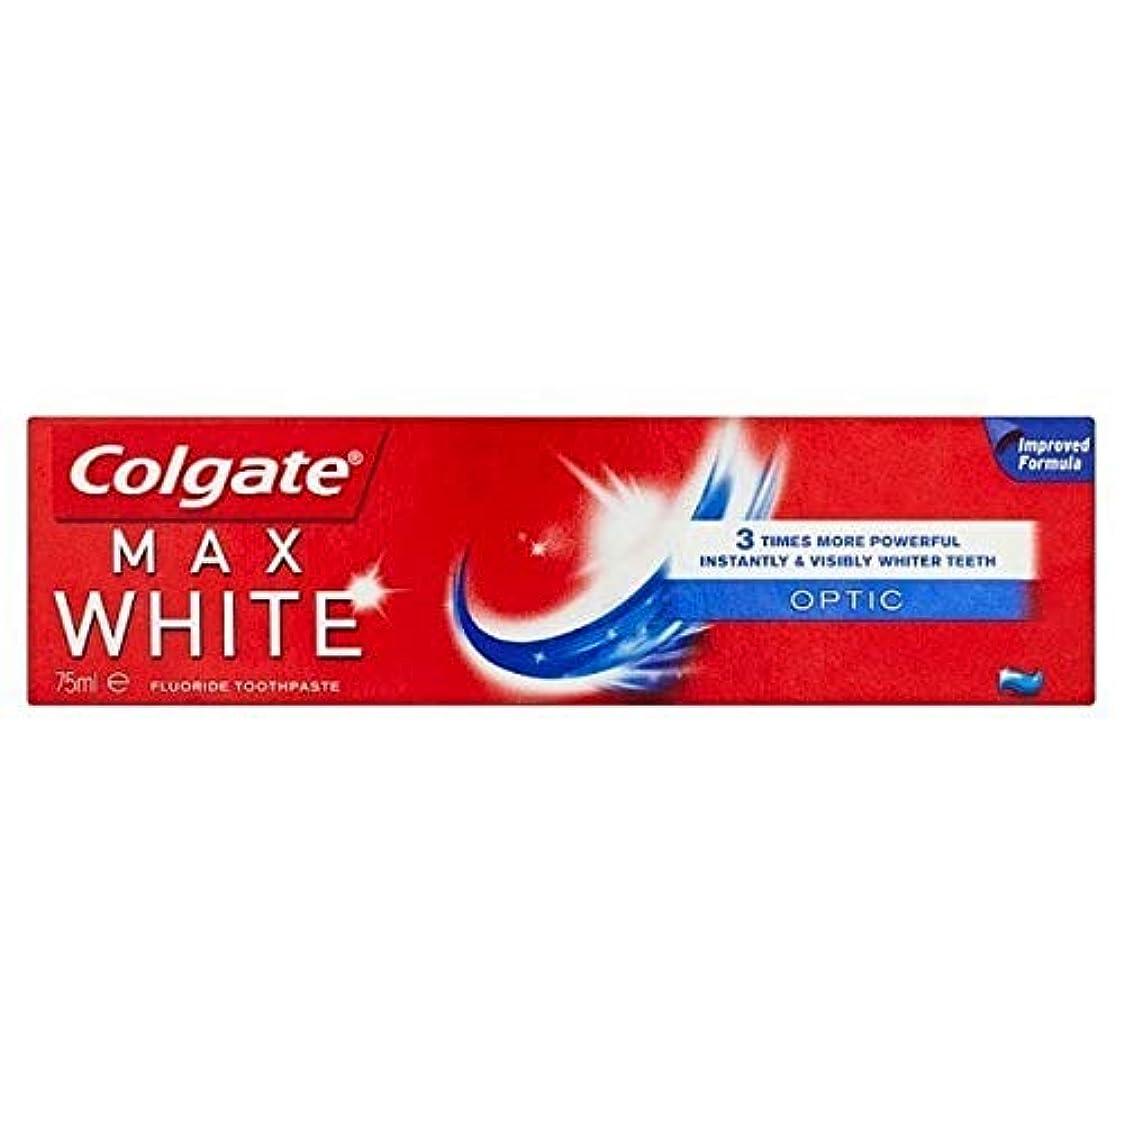 ドロー実現可能暗記する[Colgate ] コルゲート最大白い光ホワイトニング歯磨き粉75ミリリットル - Colgate Max White Optic Whitening Toothpaste 75ml [並行輸入品]